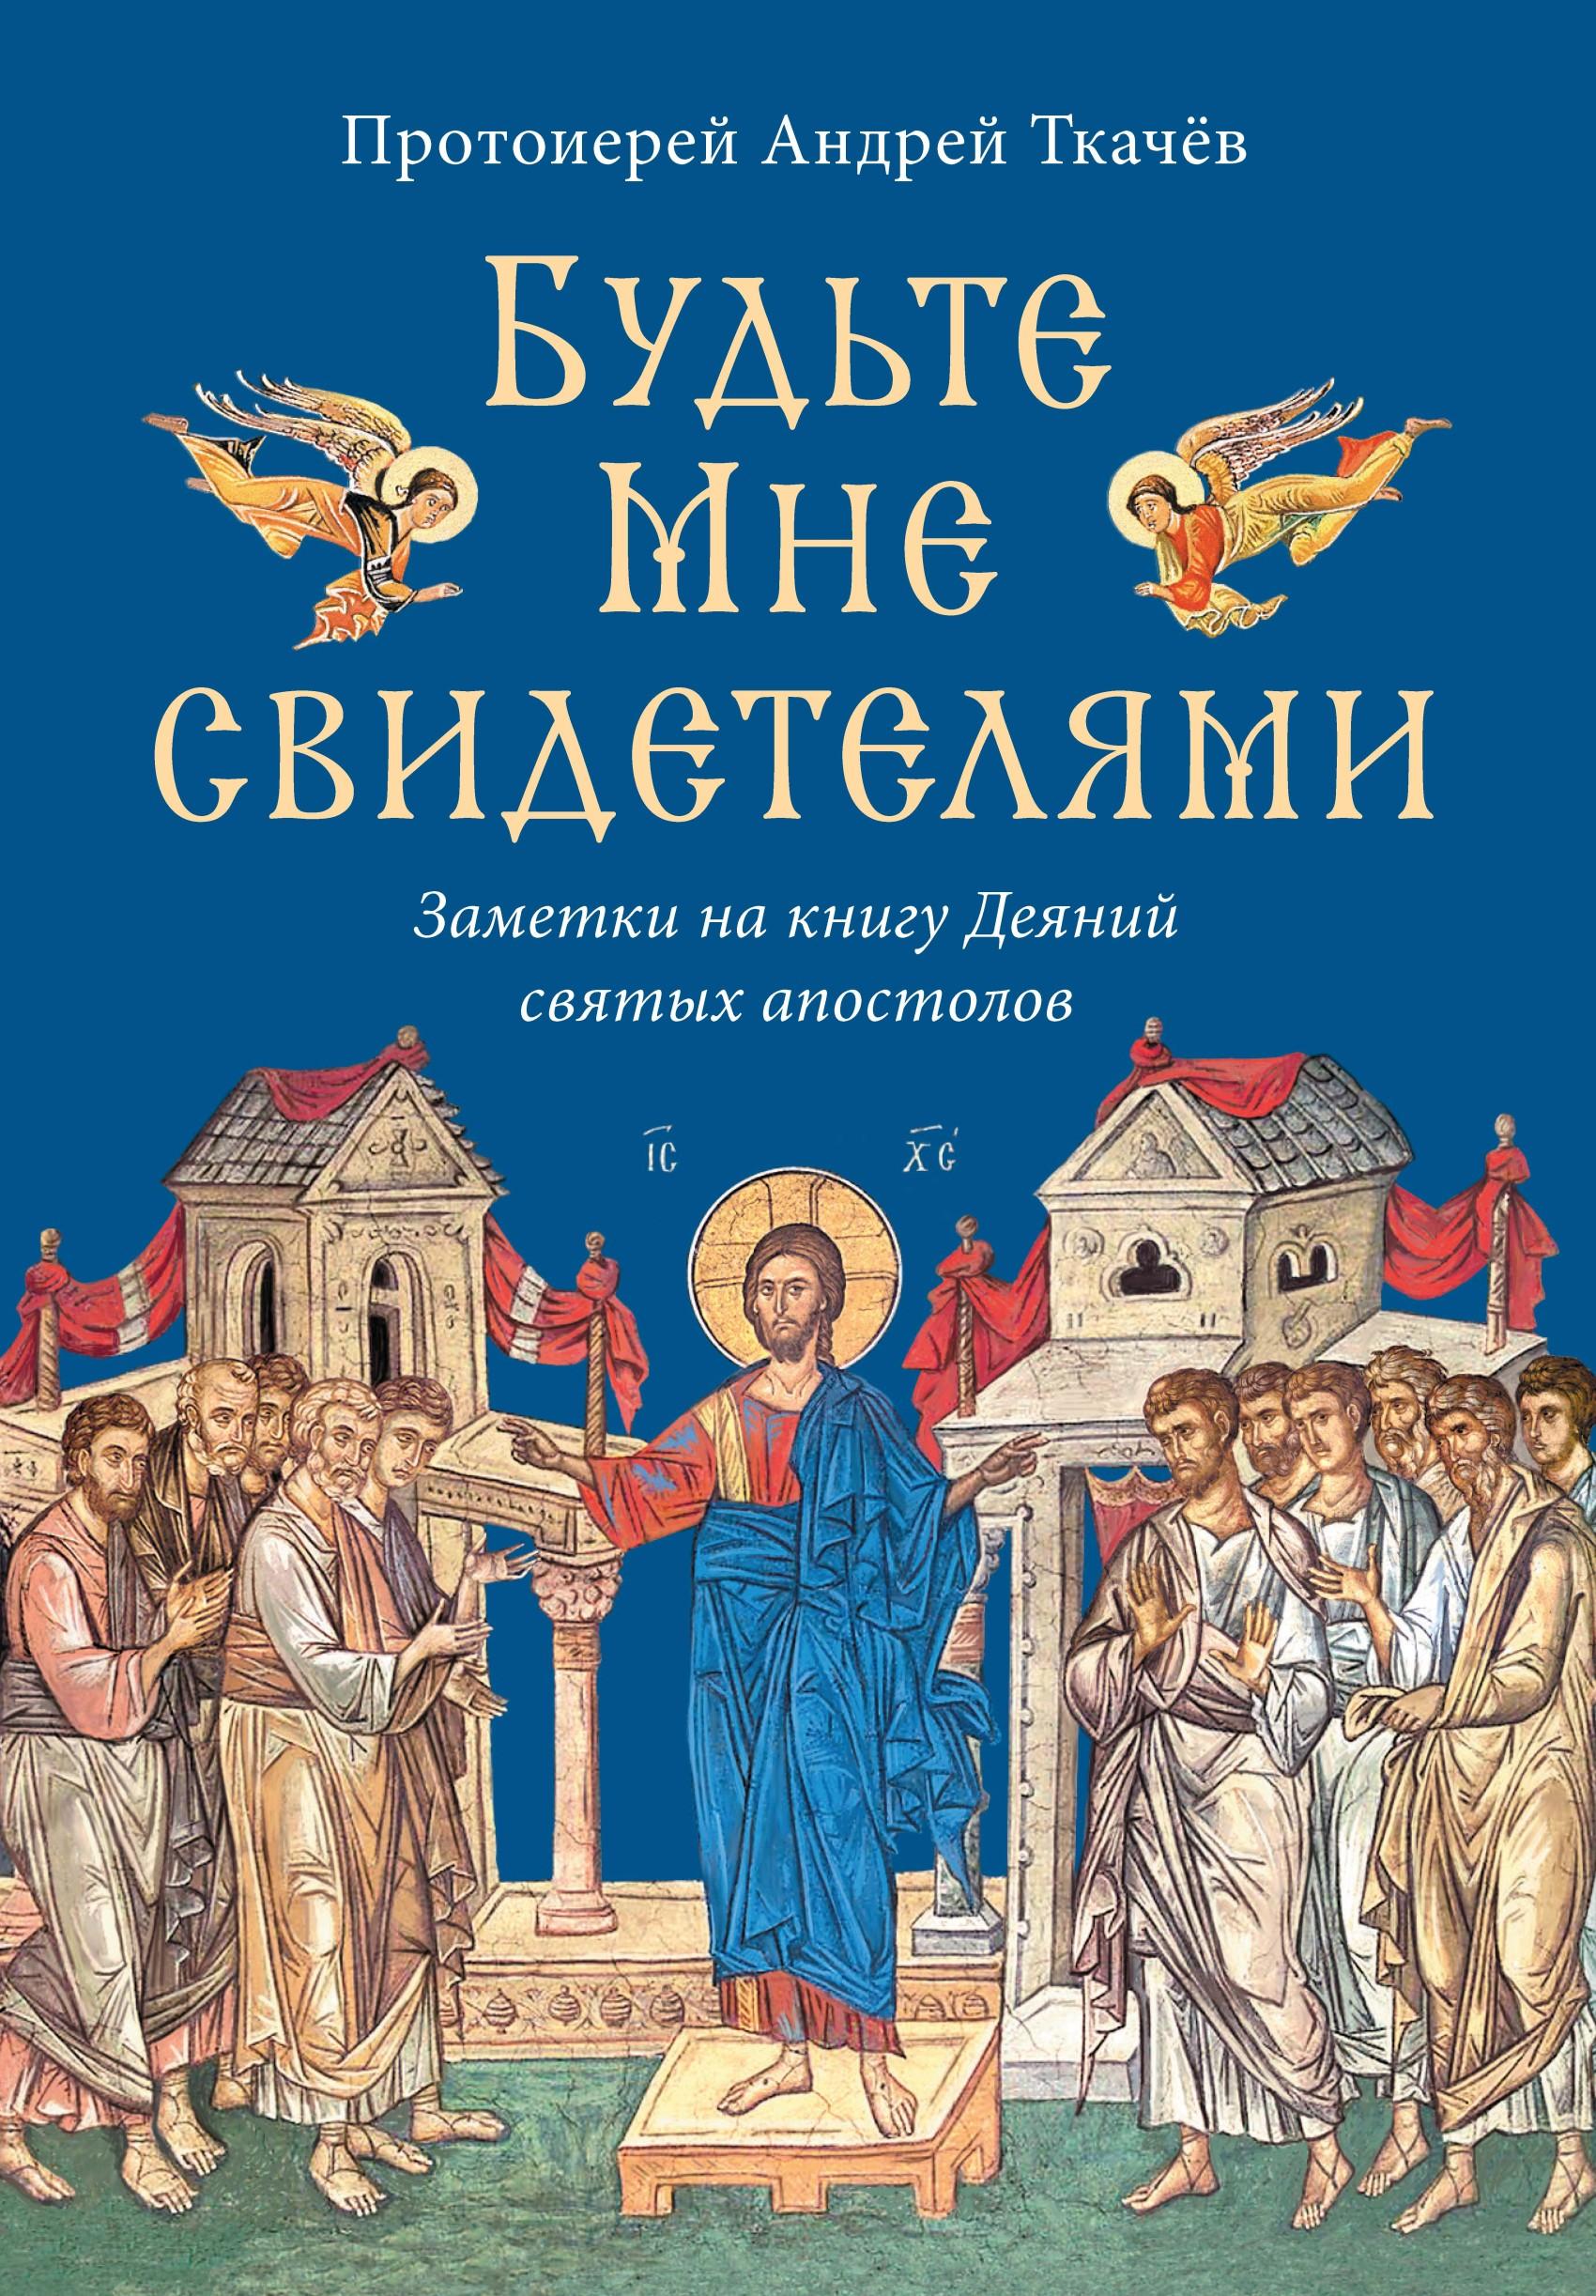 Купить книгу Будьте Мне свидетелями. Заметки на книгу Деяний святых апостолов, автора протоиерея Андрей Ткачев